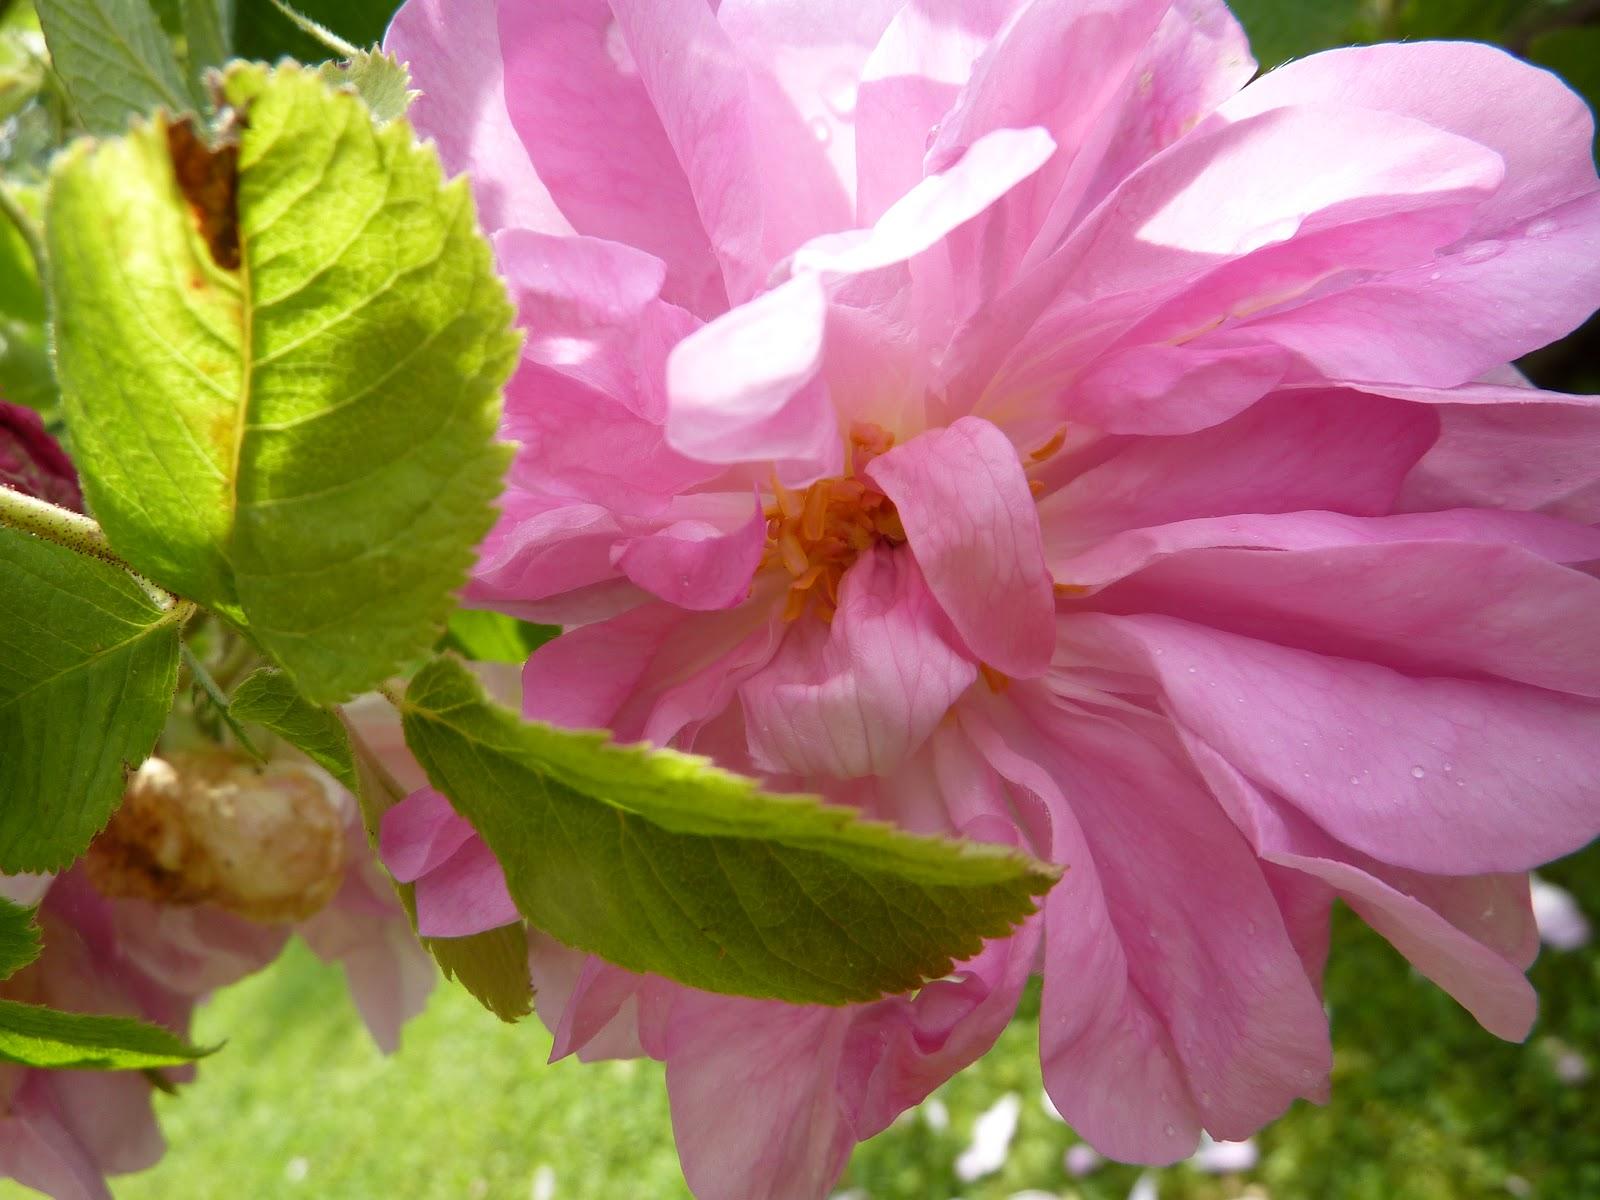 vivere aromapflege aromatherapie eine rose ist eine. Black Bedroom Furniture Sets. Home Design Ideas